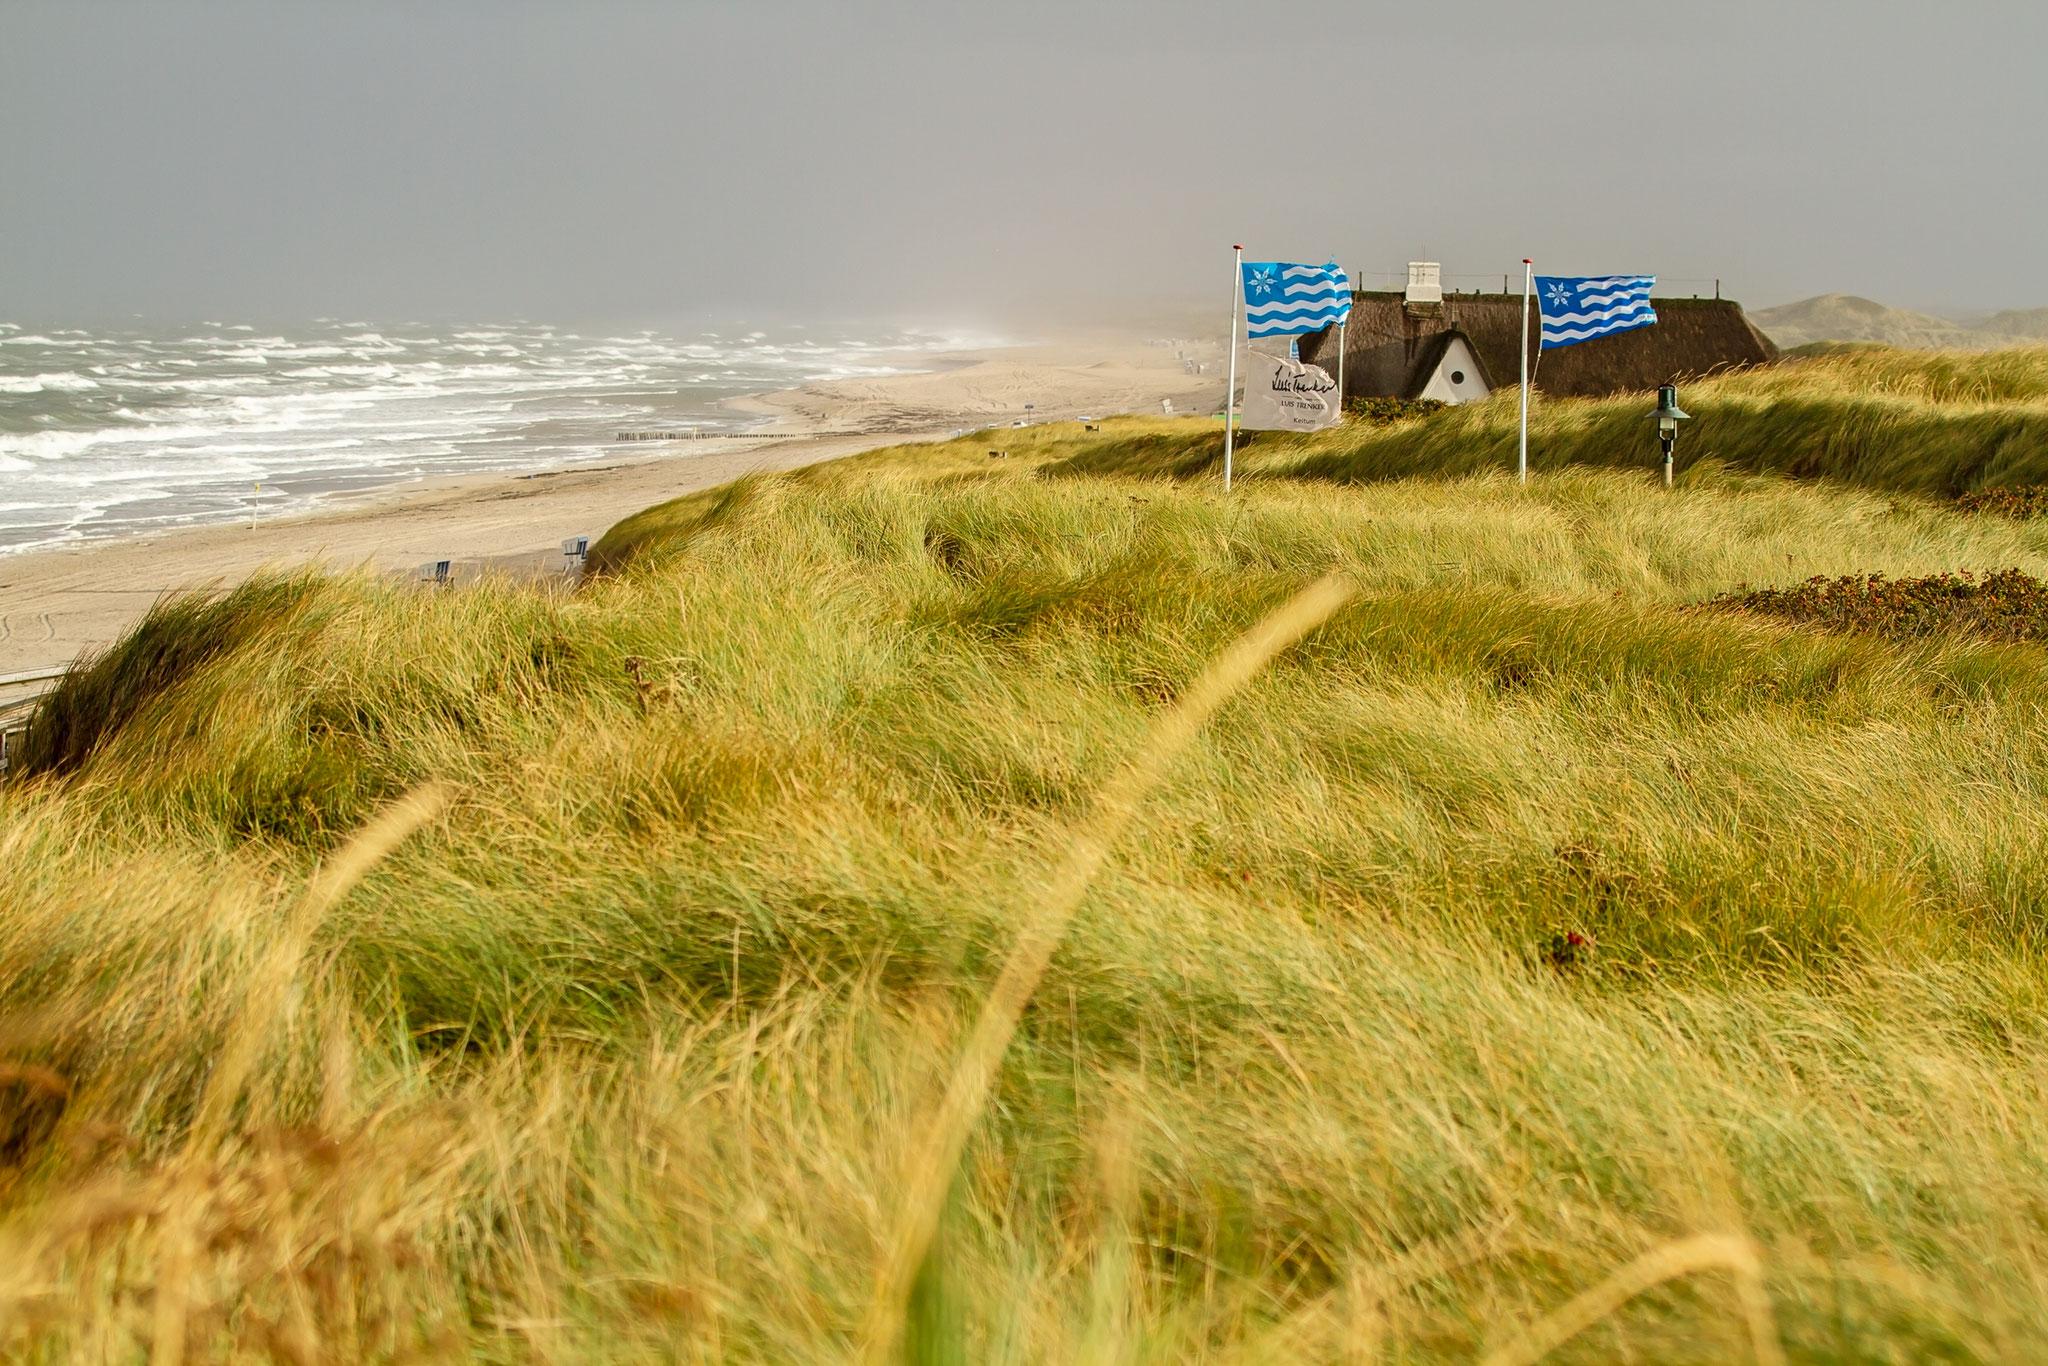 Fotoarbeiten auf der Insel Sylt.